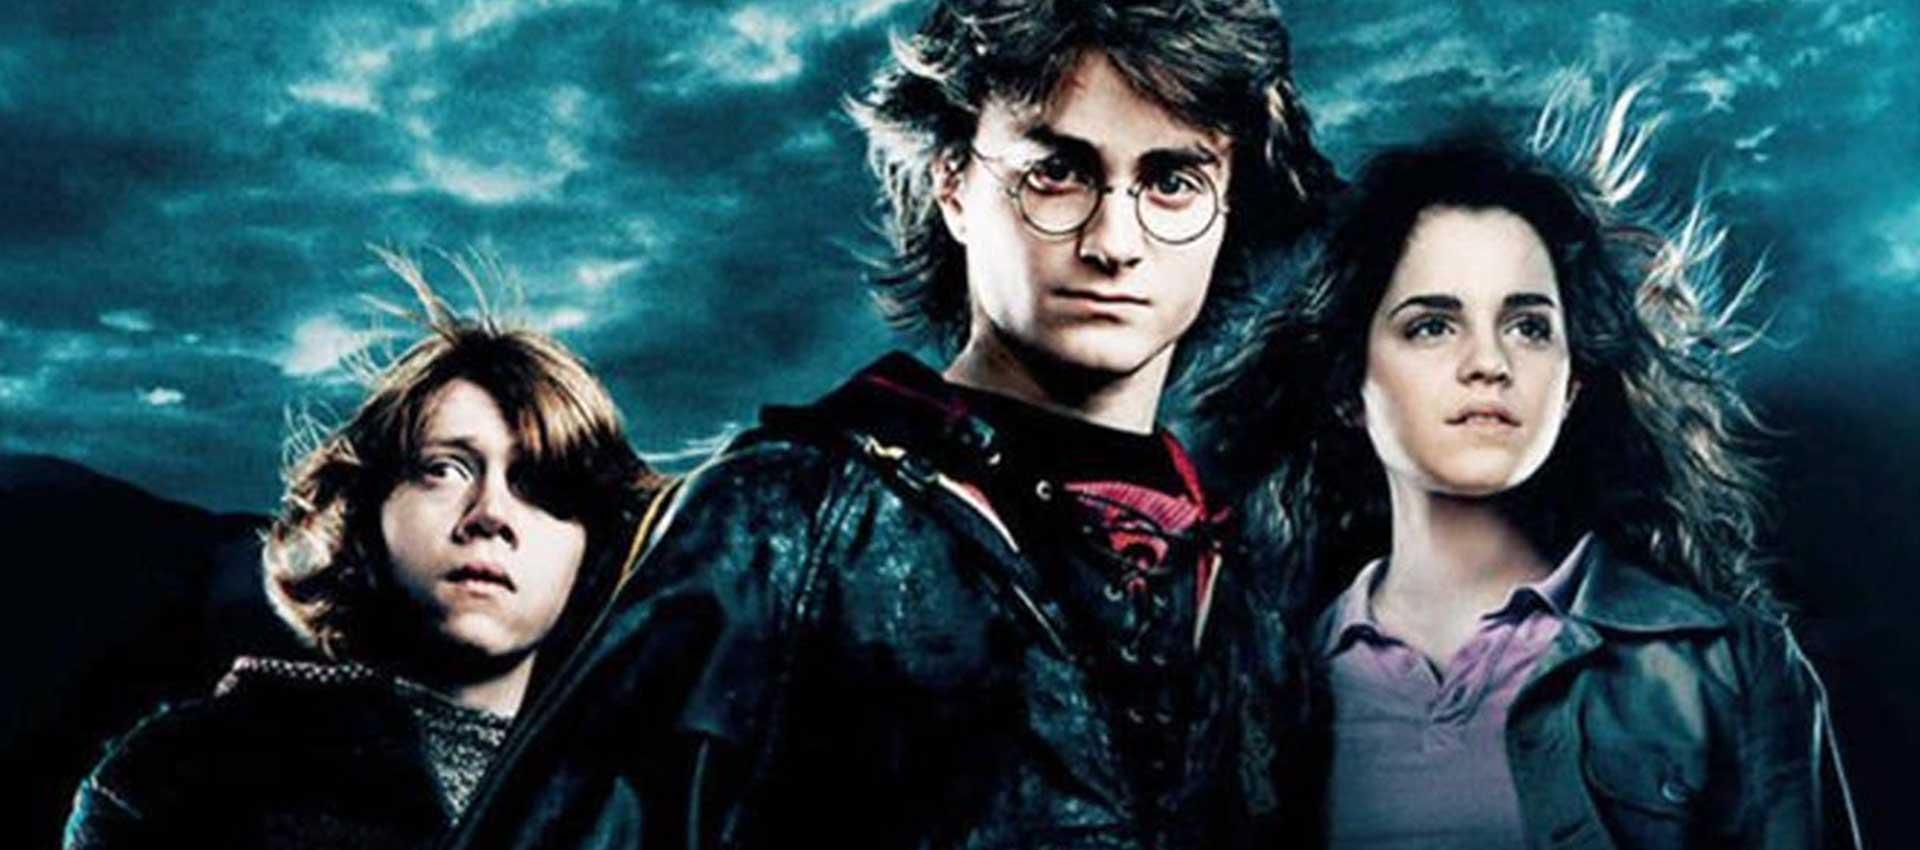 Harry Potter Serisi türkçe izle hd izle